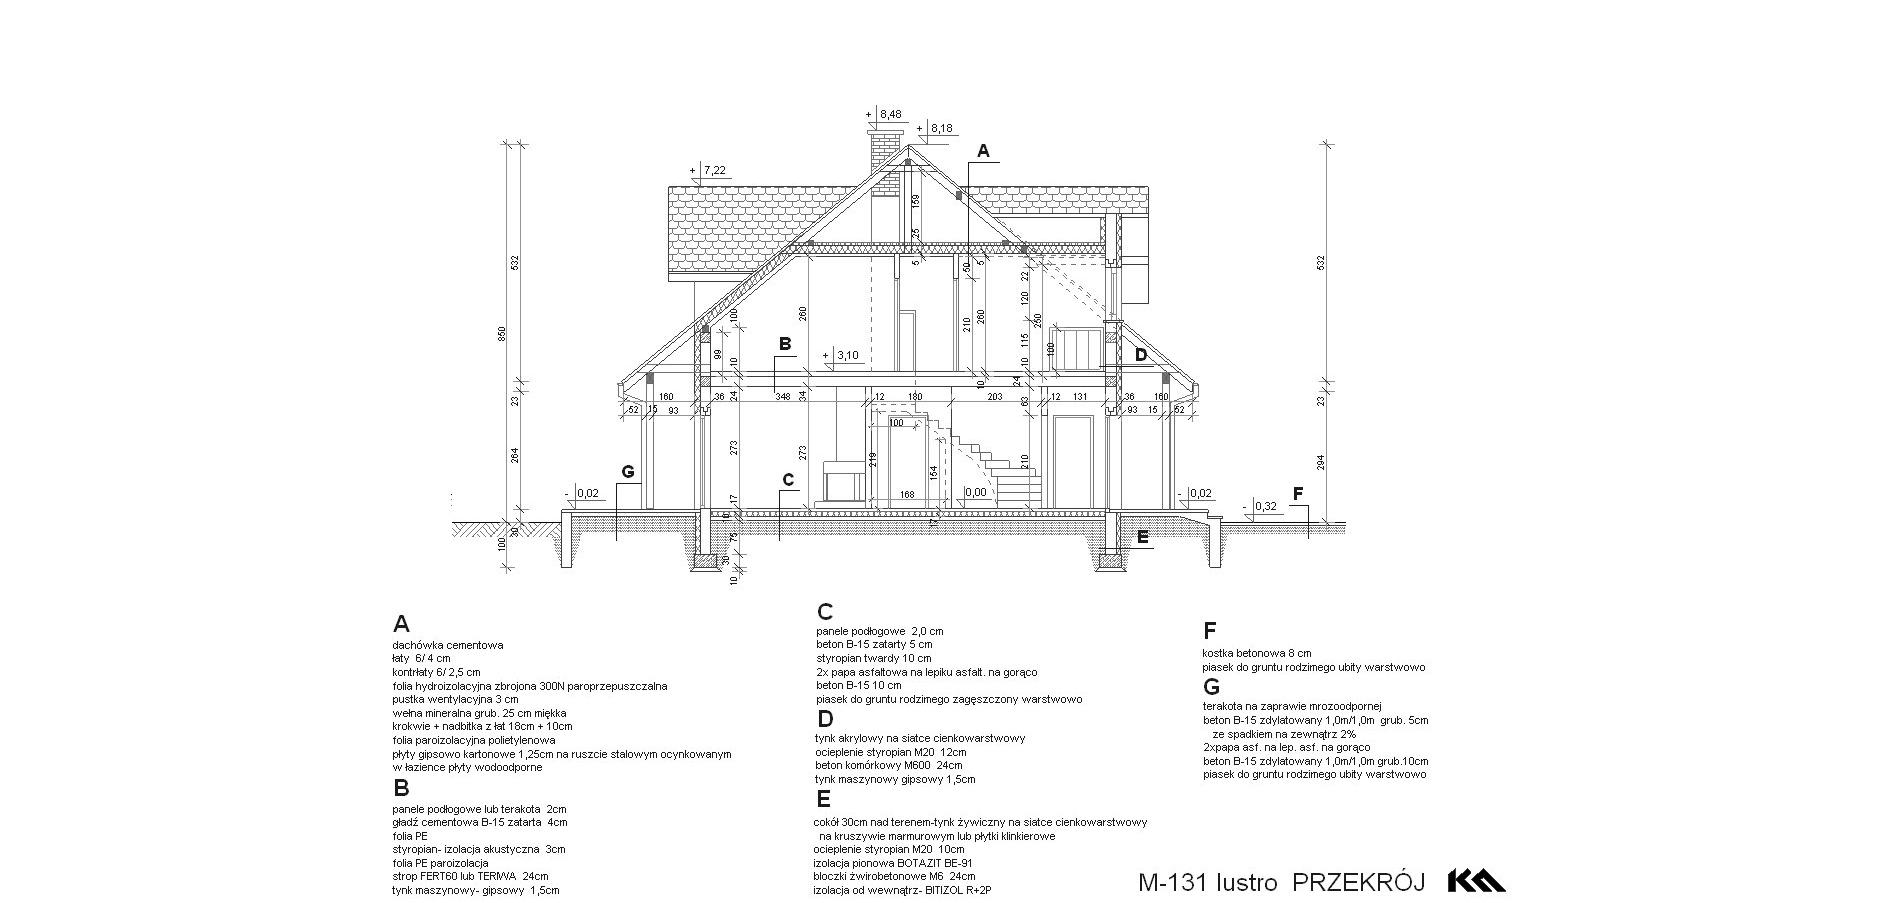 m131-lustro-przekroj